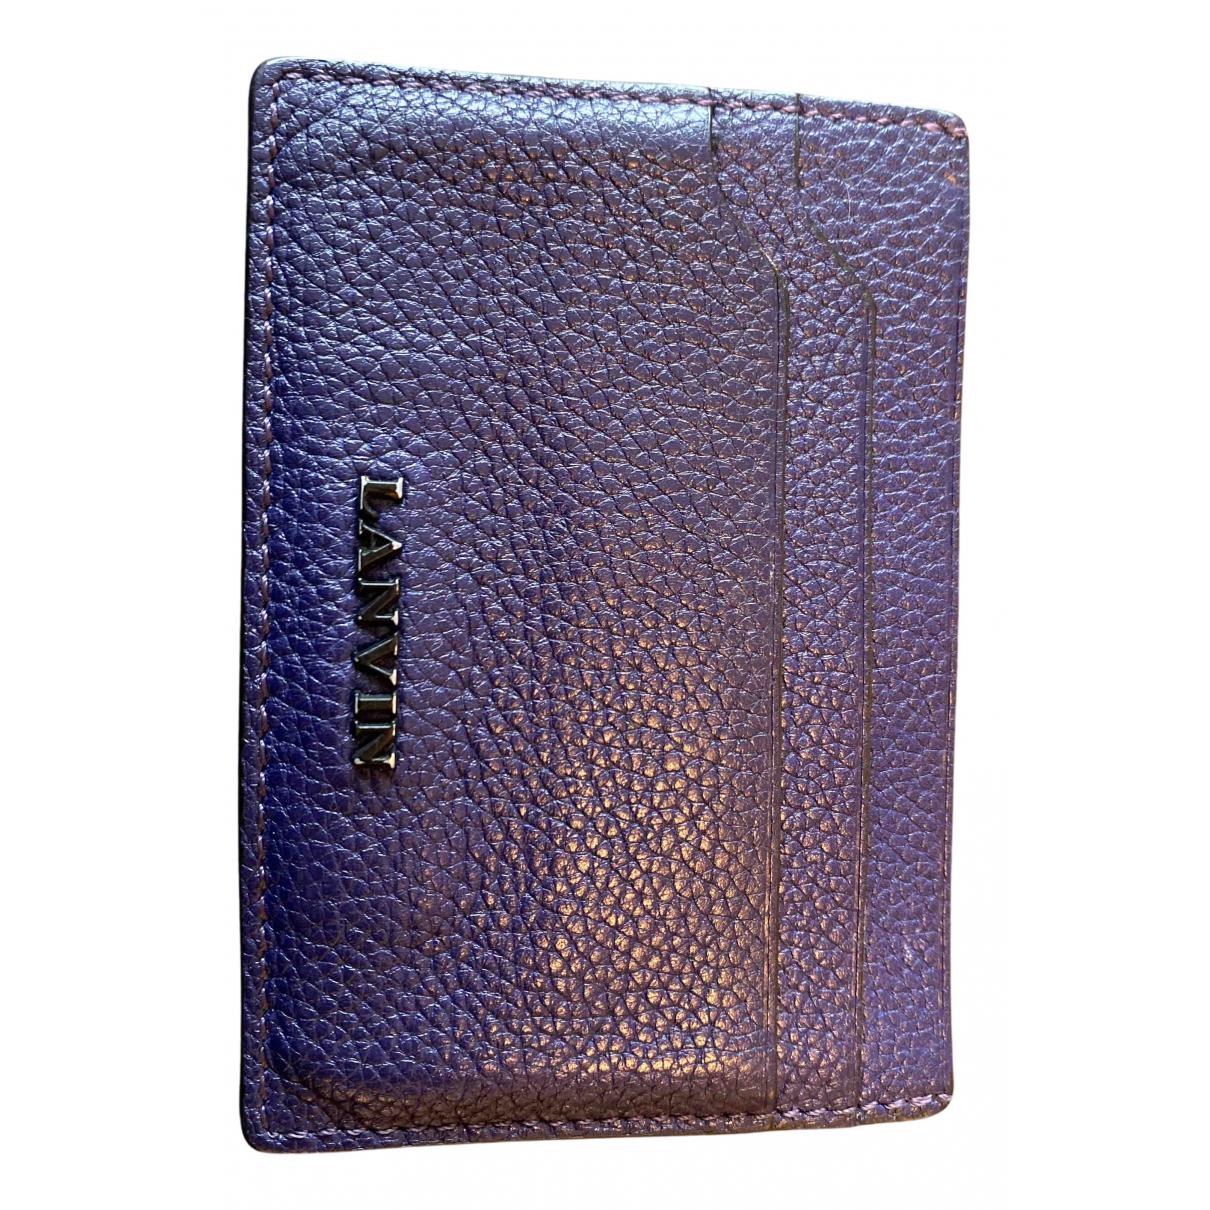 Lanvin - Petite maroquinerie   pour femme en cuir - bleu